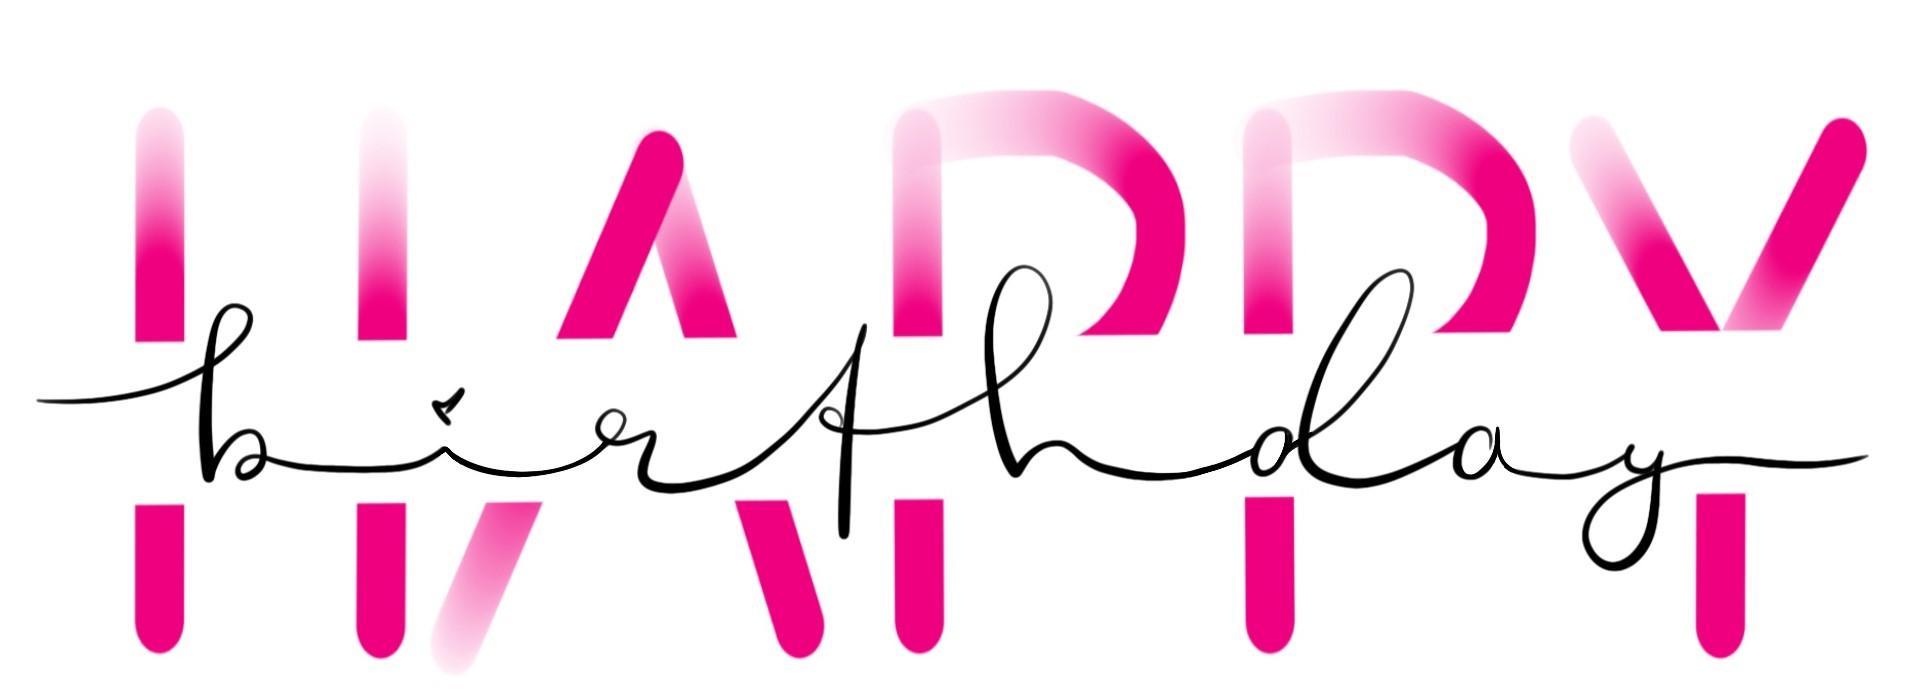 Hand Lettering Happy Birthday mit divided letters in pink und schöner Schreibschrift in der Mitte